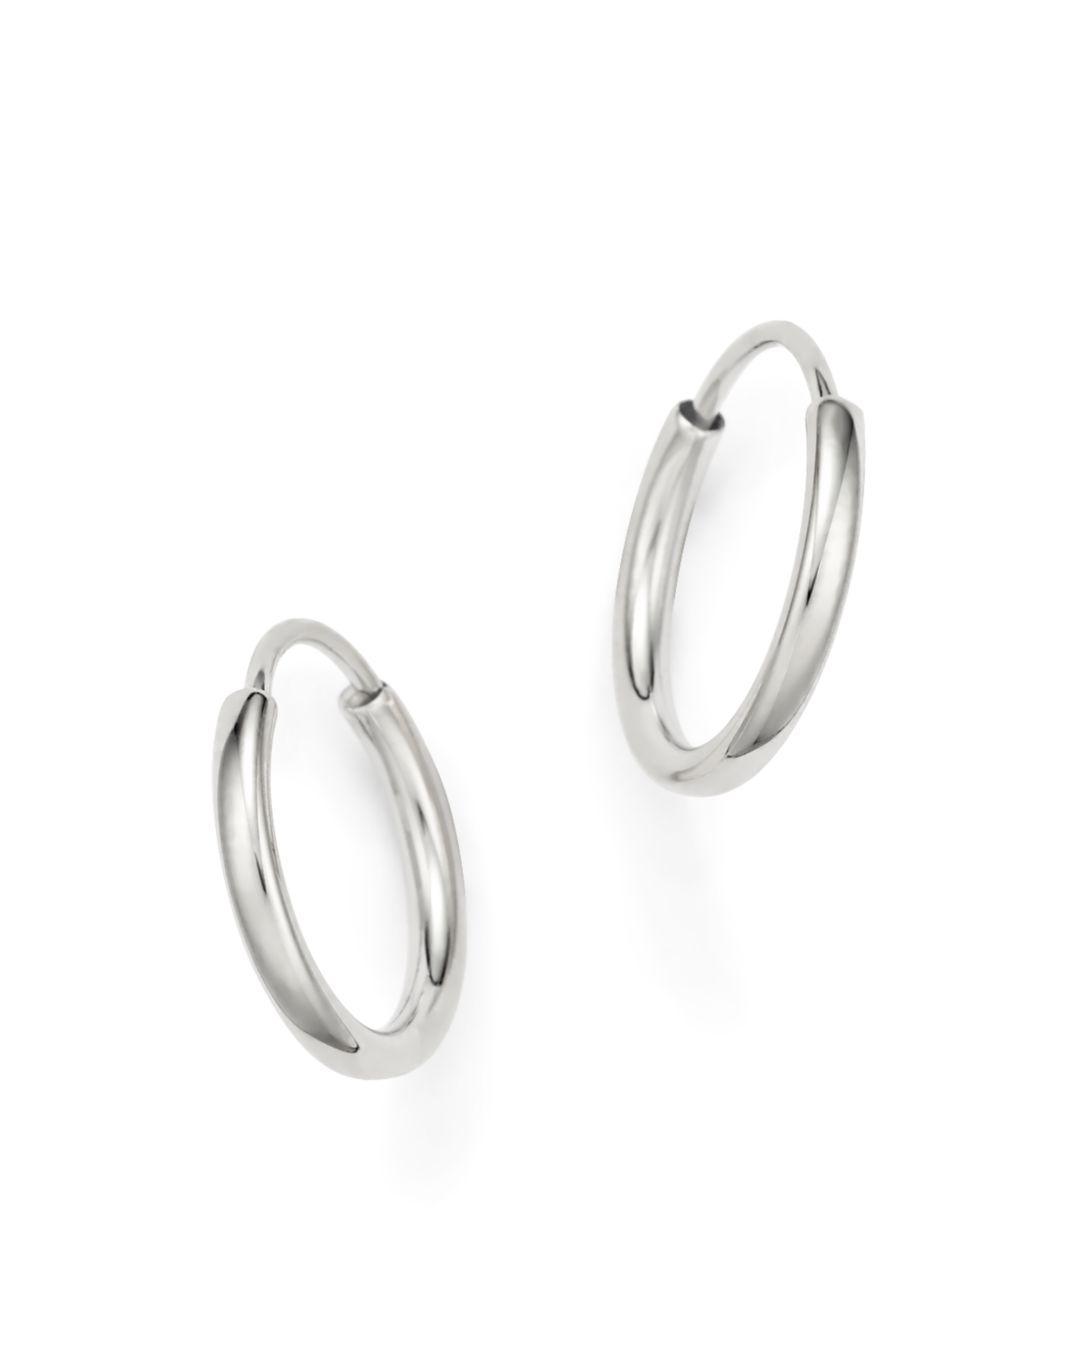 Bloomingdale S Women 14k White Gold Small Endless Hoop Earrings